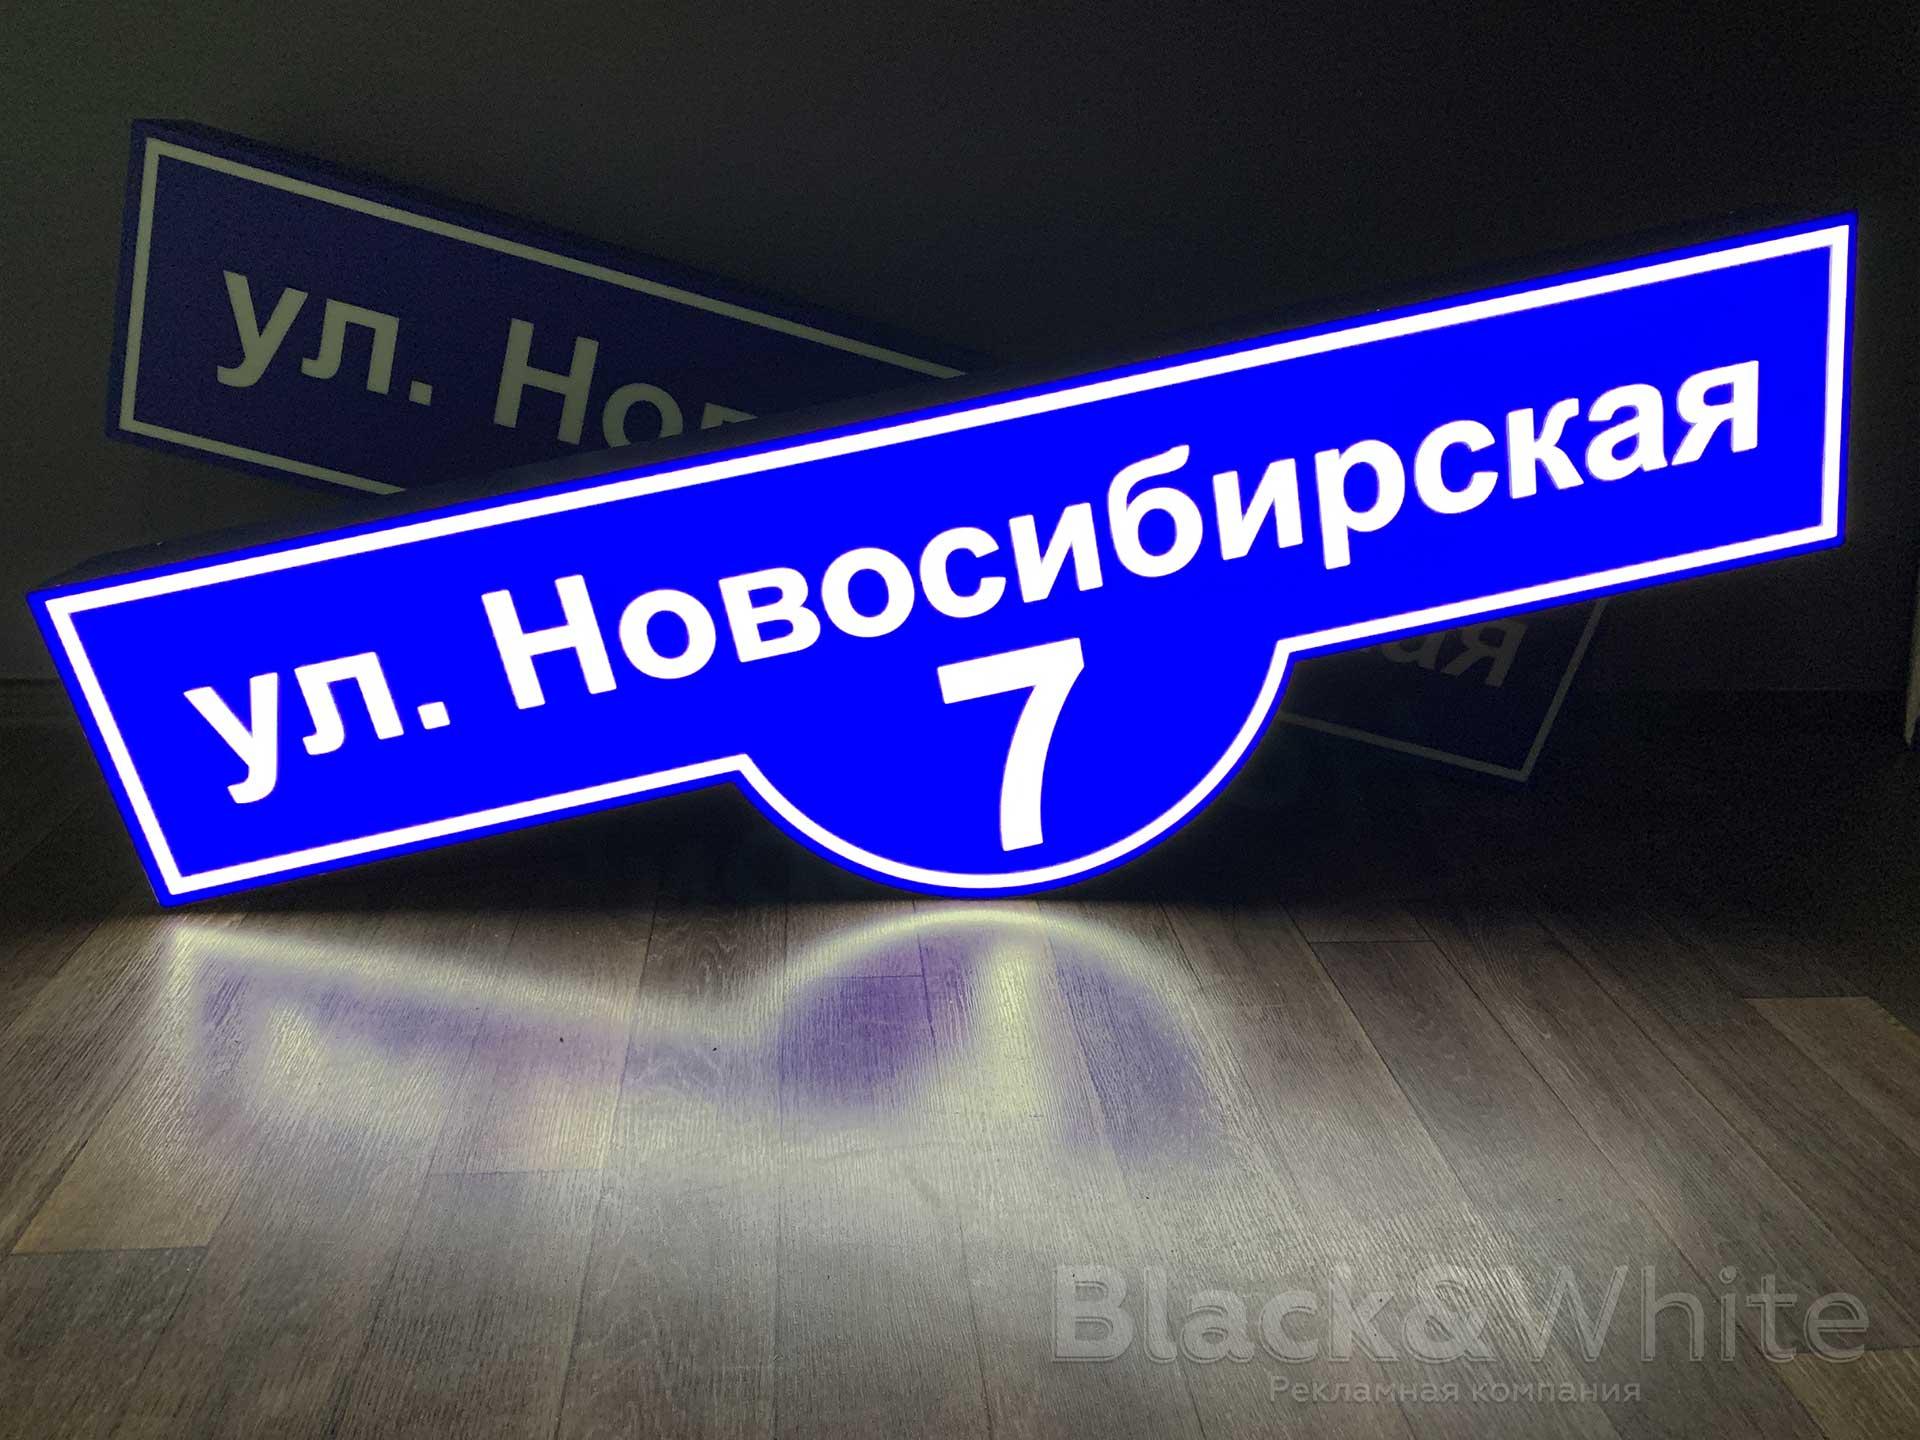 Адресные-световые-таблички-домовые-знаки-световой-короб-красноярск.jpg